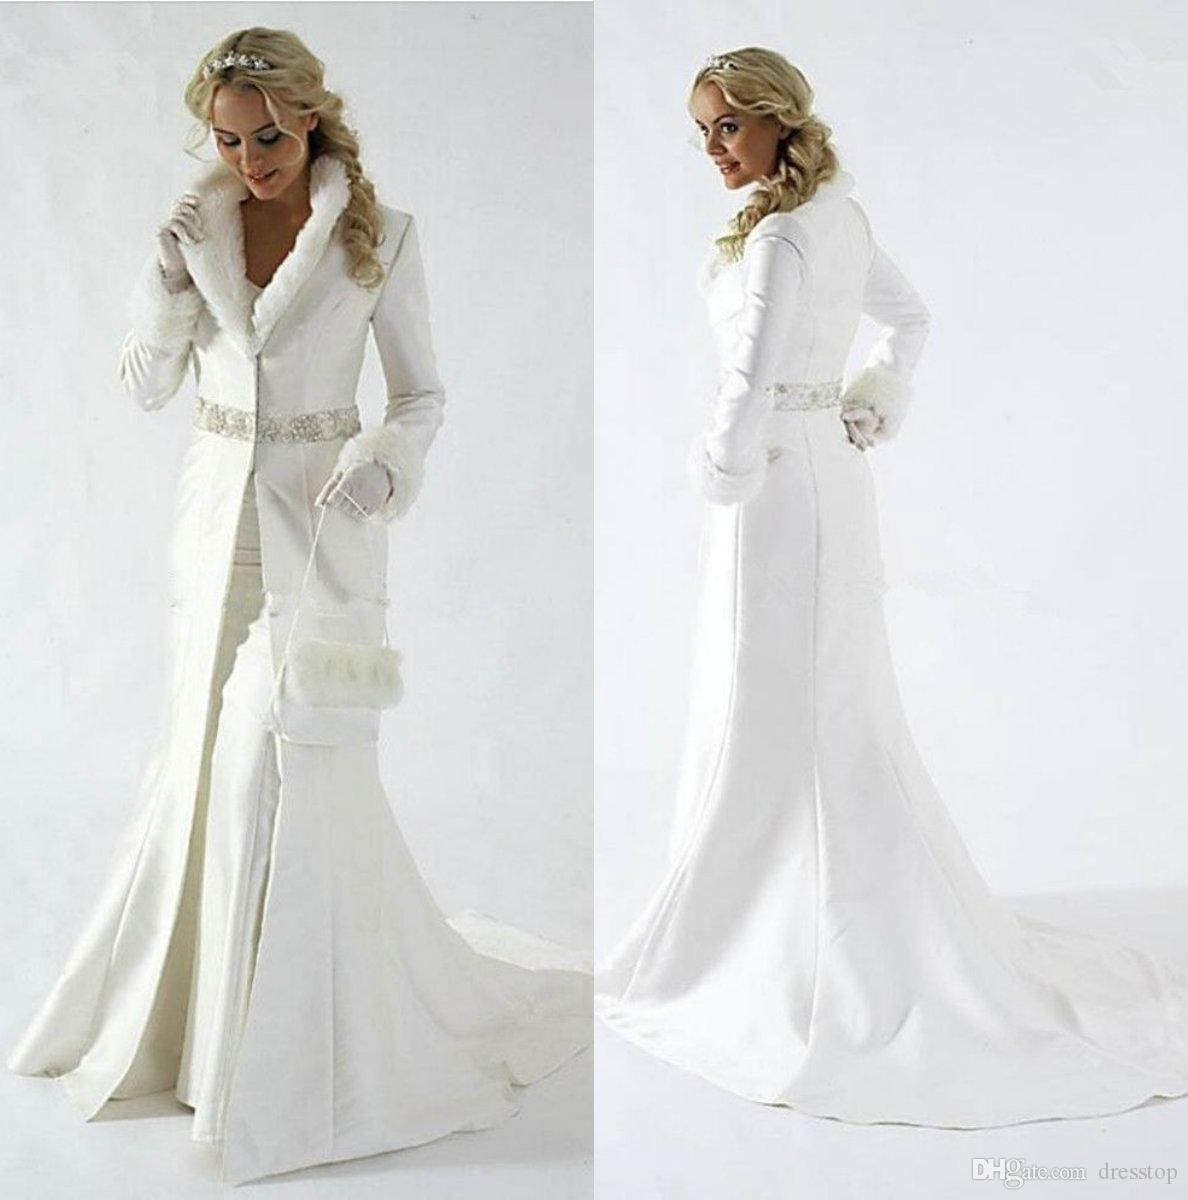 우아한 모피 여성 의류 신부 자켓 옷깃 목 Bridal 랩 긴 소매 여성 겨울 코트 웨딩 볼로 코트 플러스 사이즈 망토